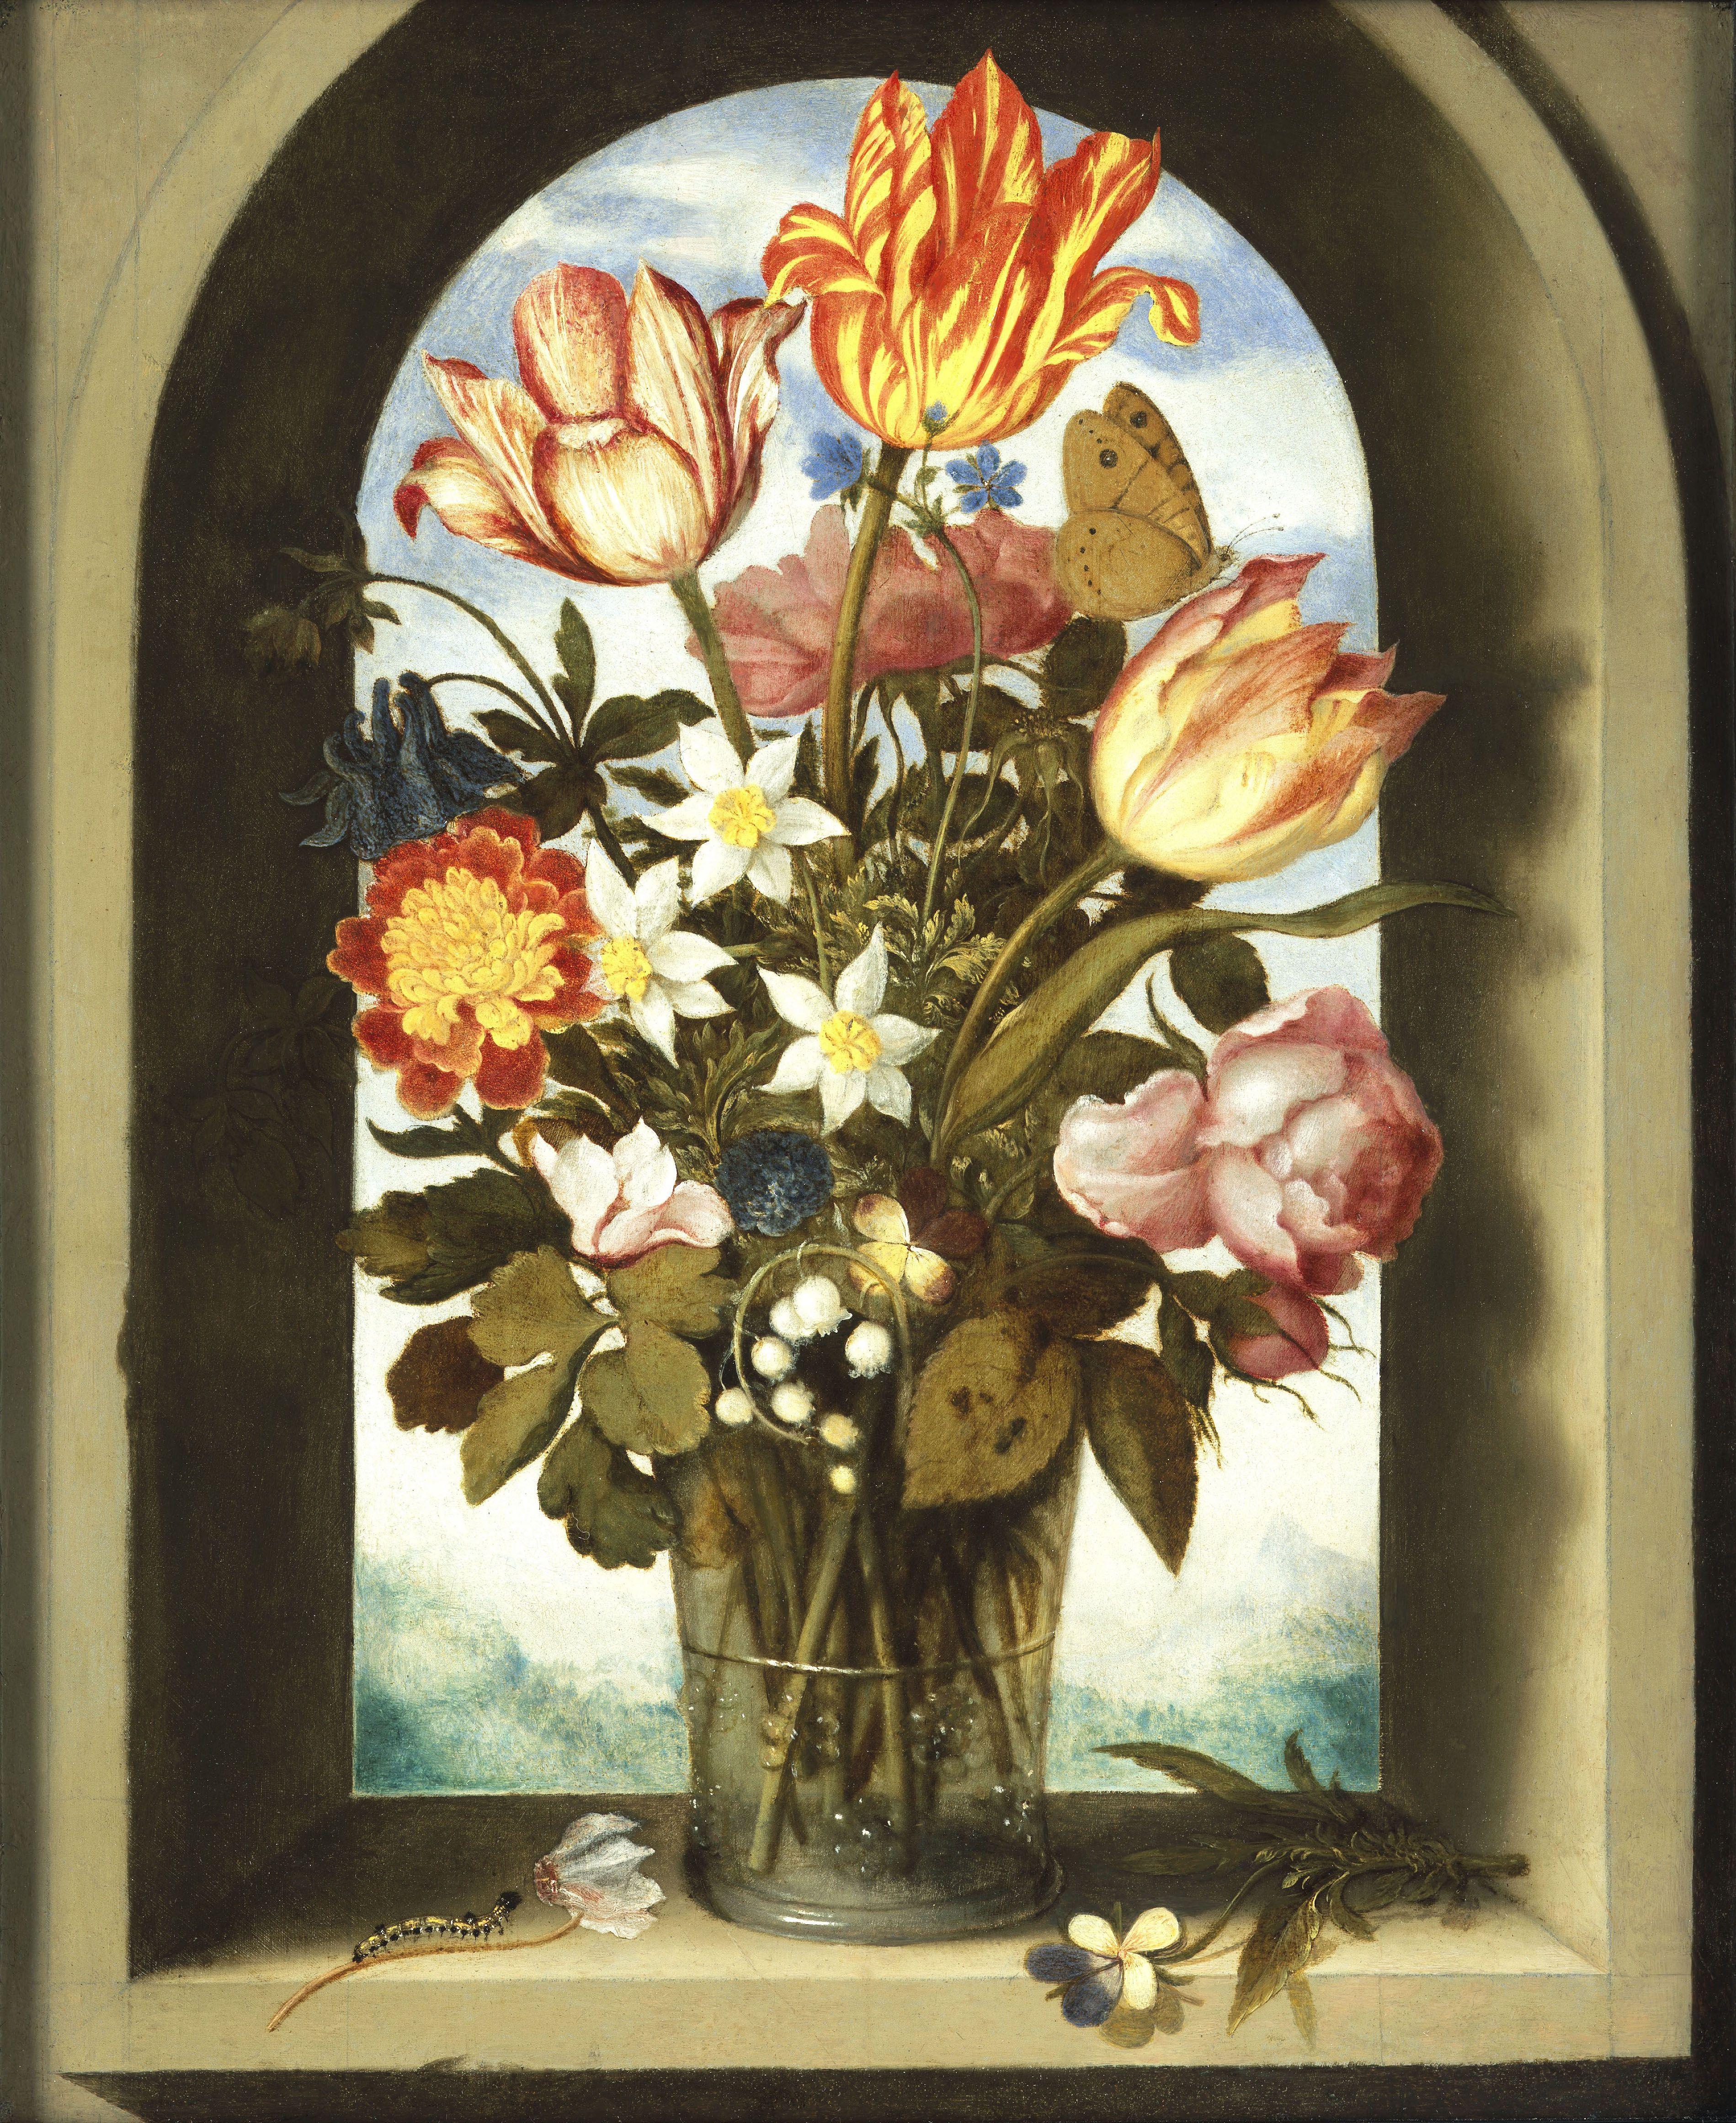 A. BOSSCHAERT - Dutch Still Life of Flowers - 17th C